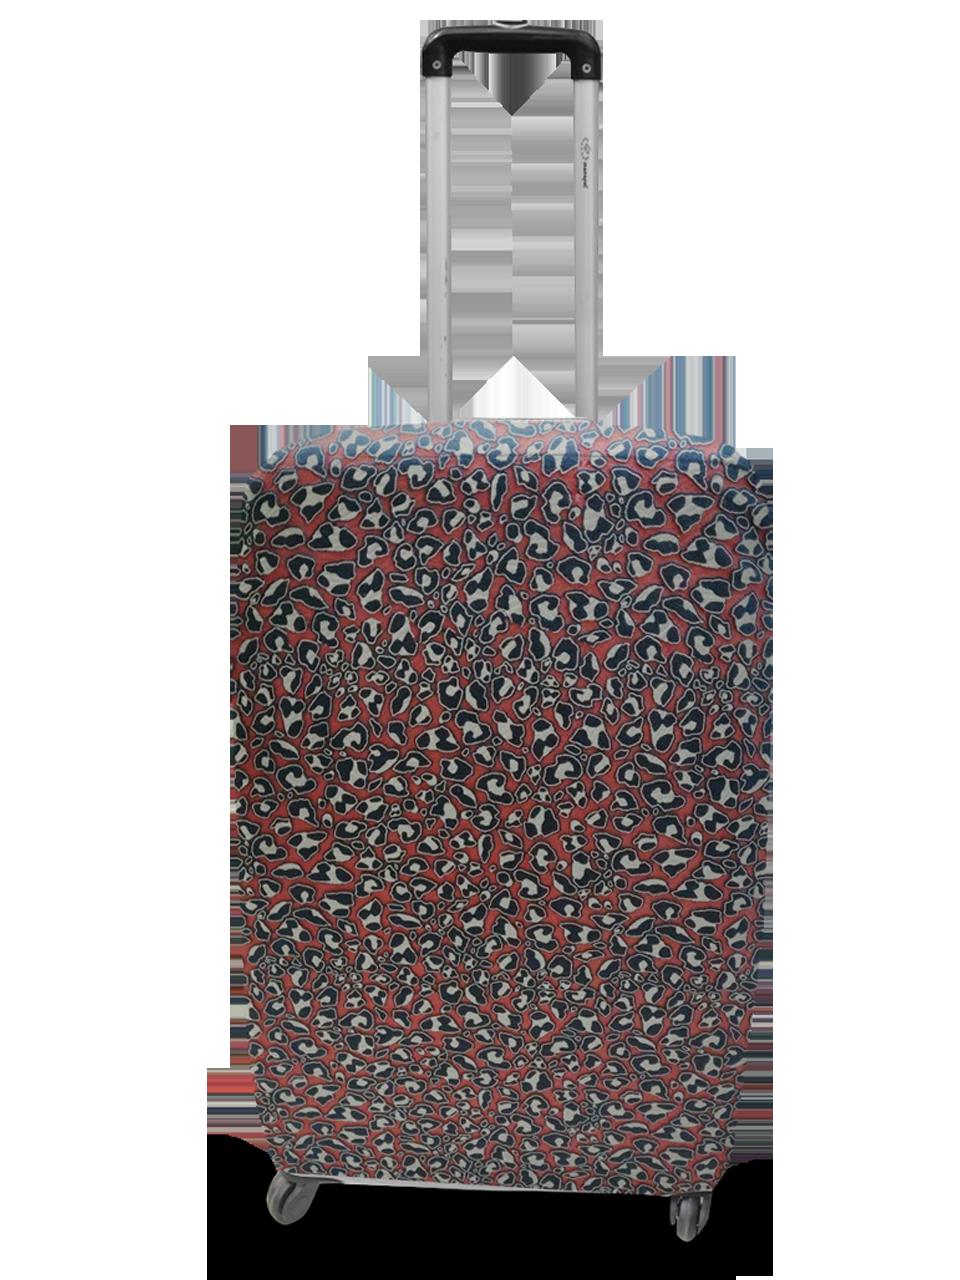 Чехол для чемодана Coverbag неопрен  L жаккард камни красный